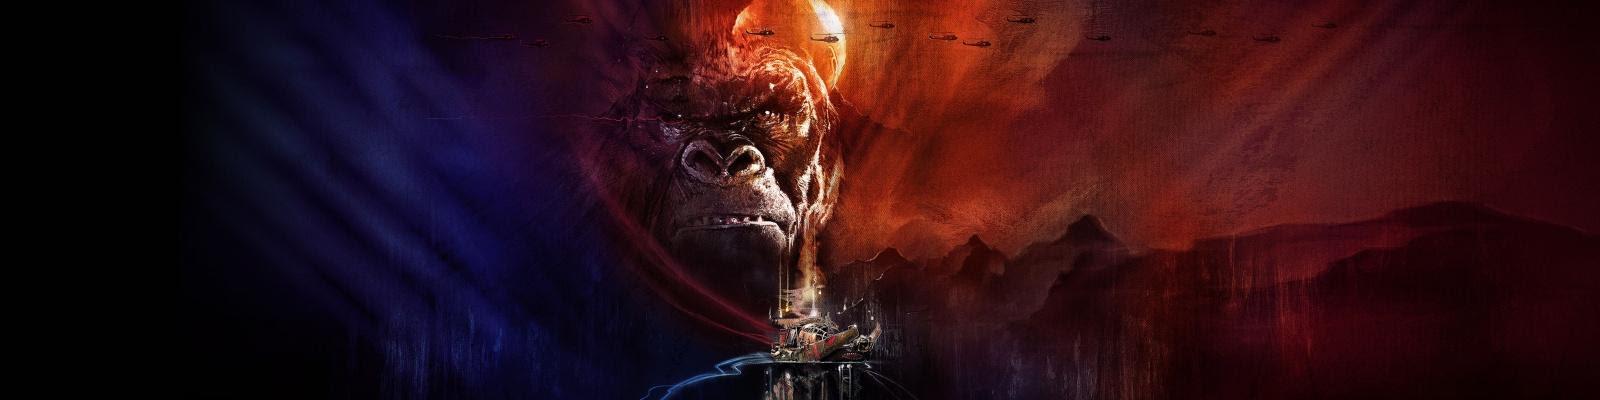 Kong: Skull Island (2017) - Financial Information